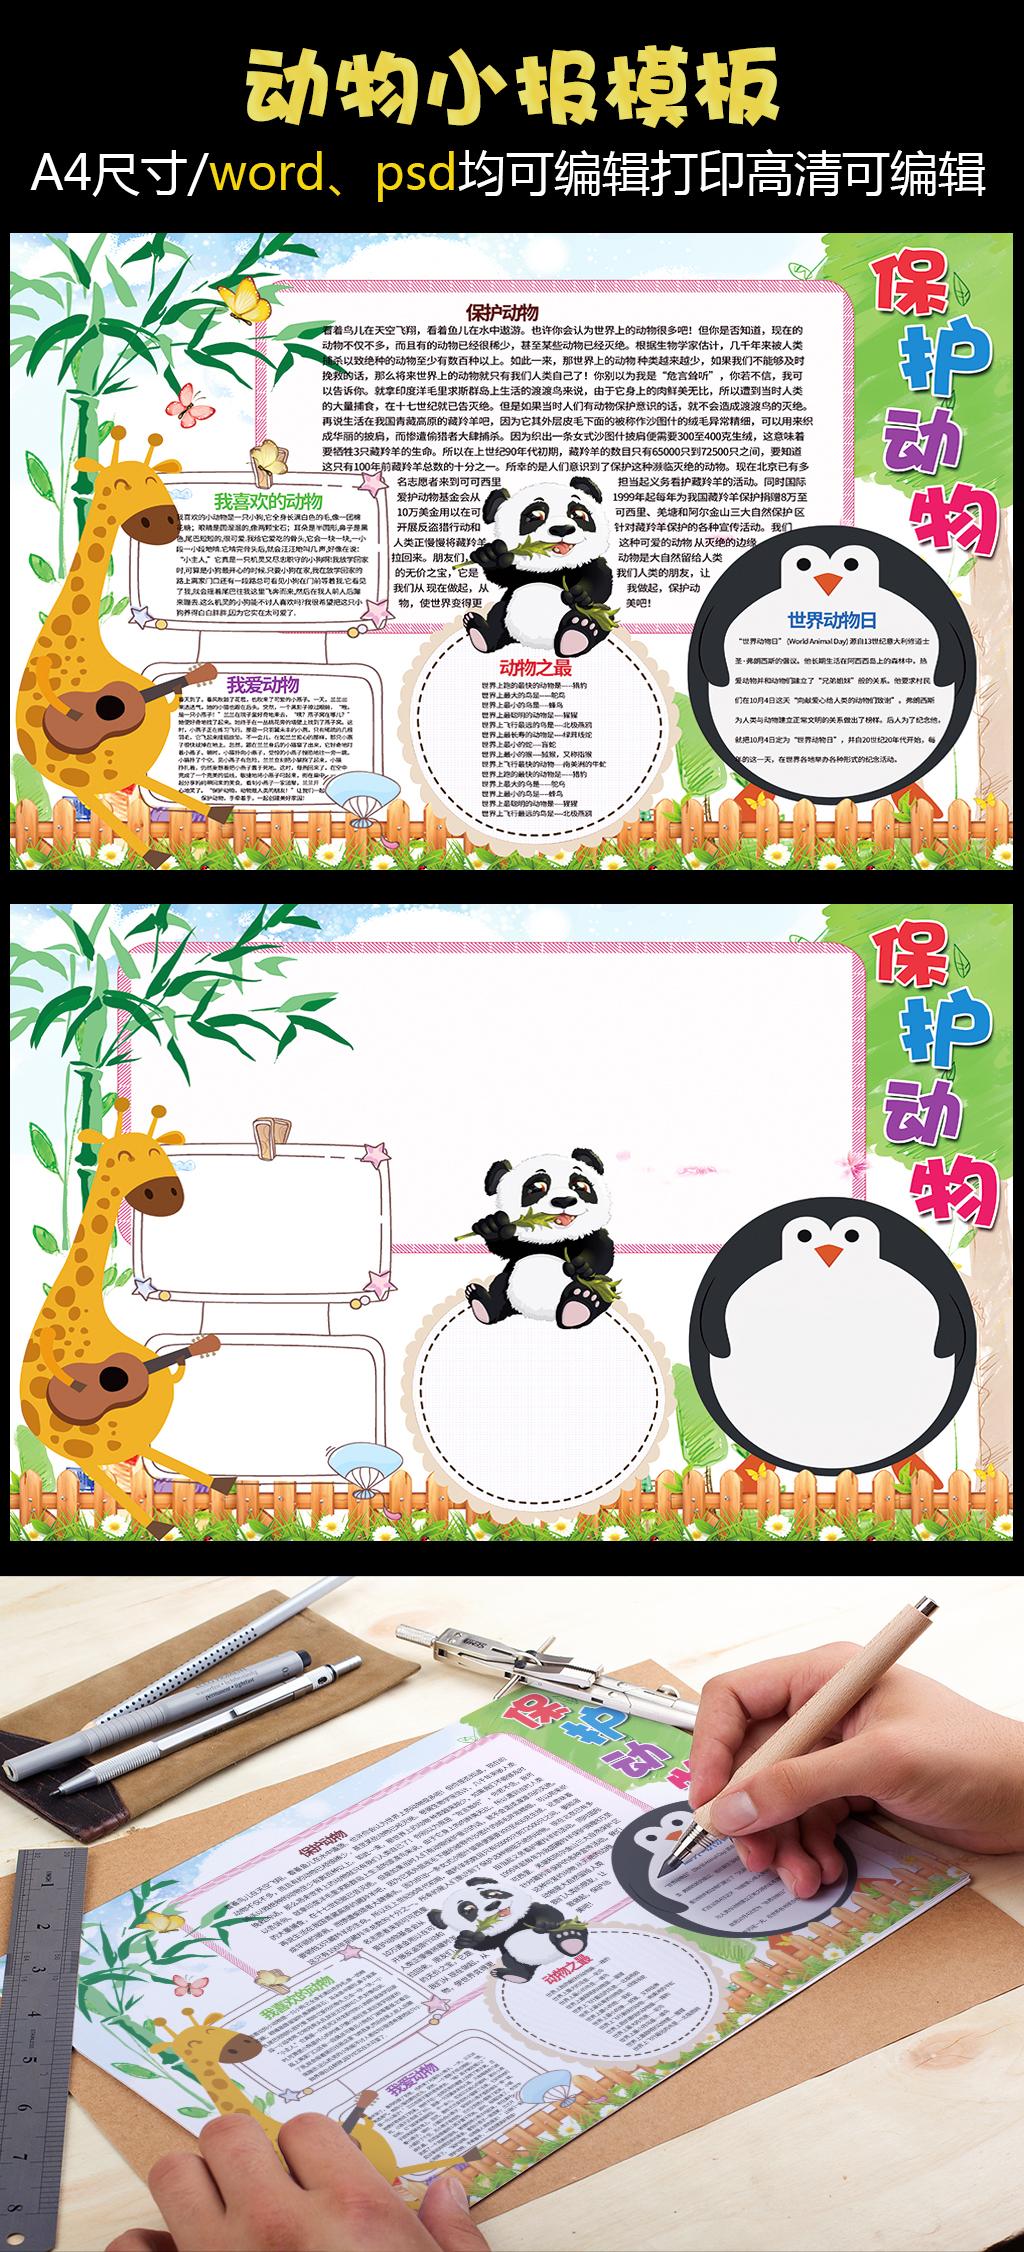 爱护动物保护动物小报模板图片设计素材_高清psd下载